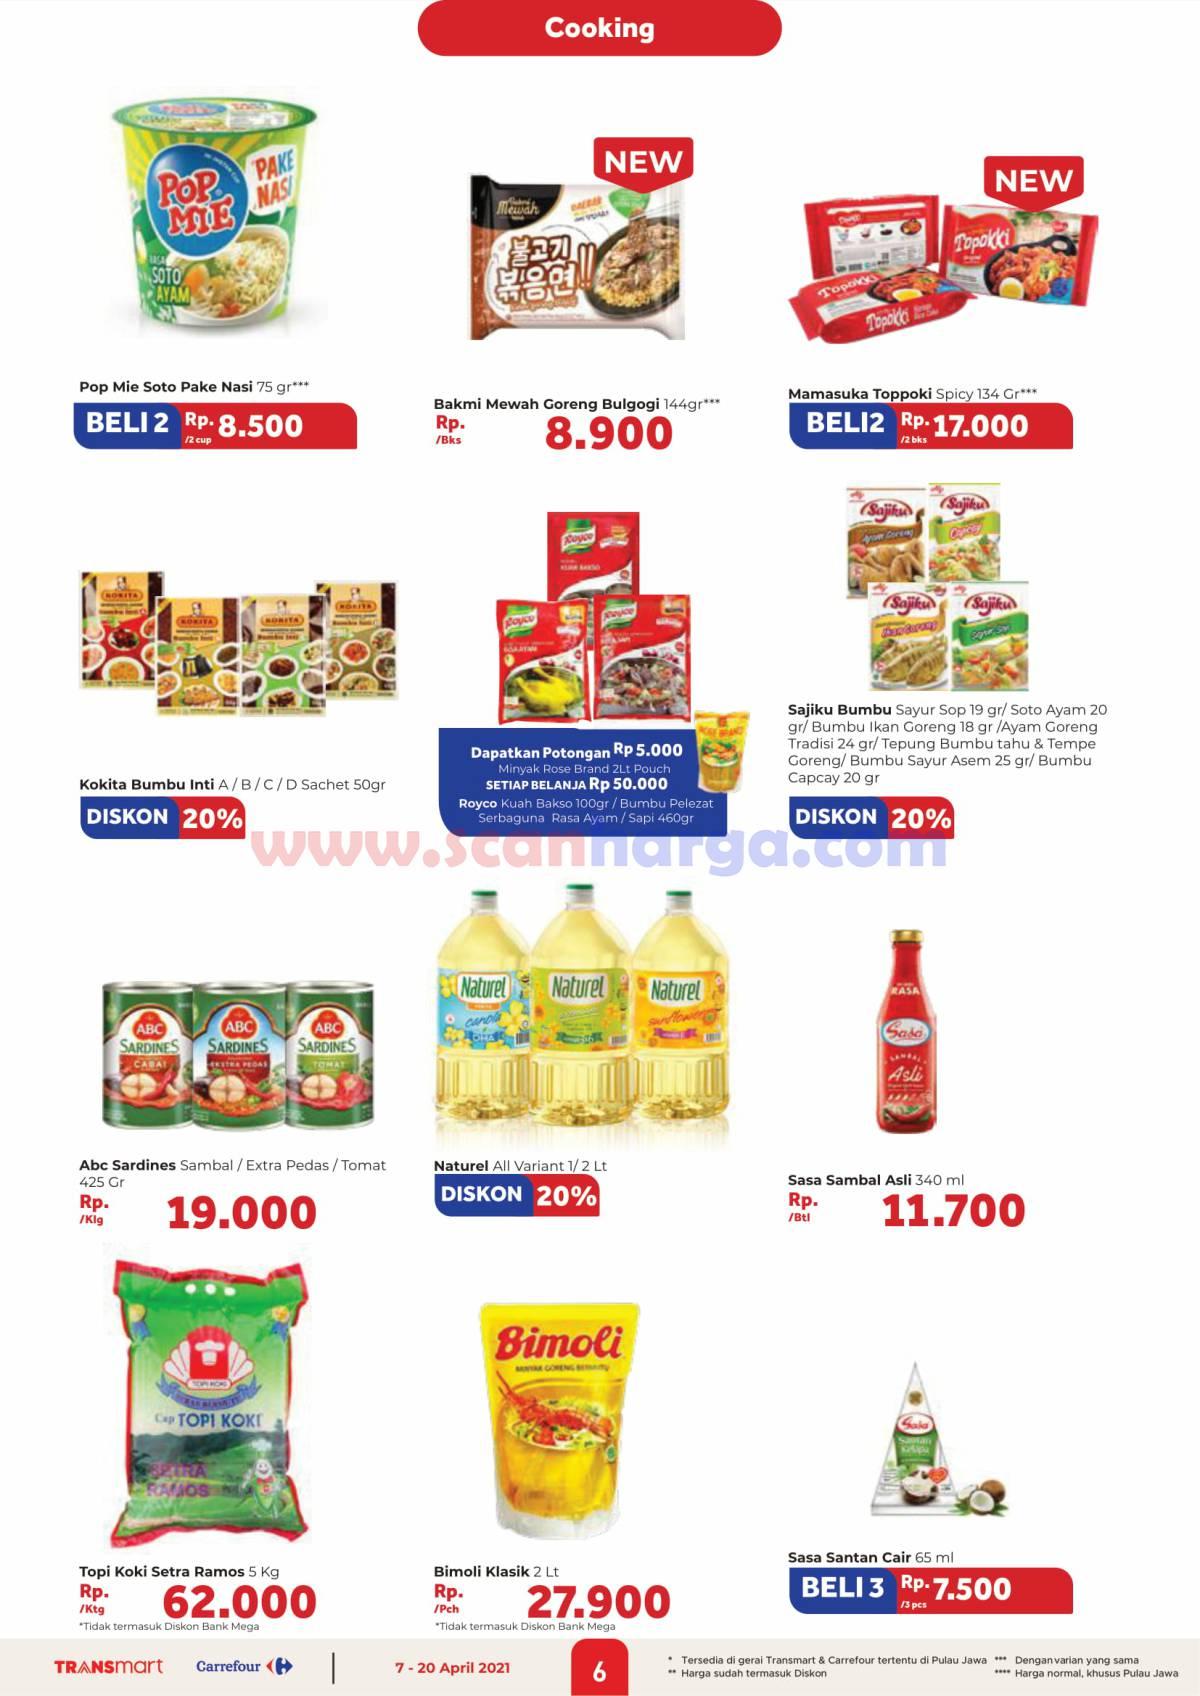 Katalog Promo Carrefour Transmart 7 - 20 April 2021 6